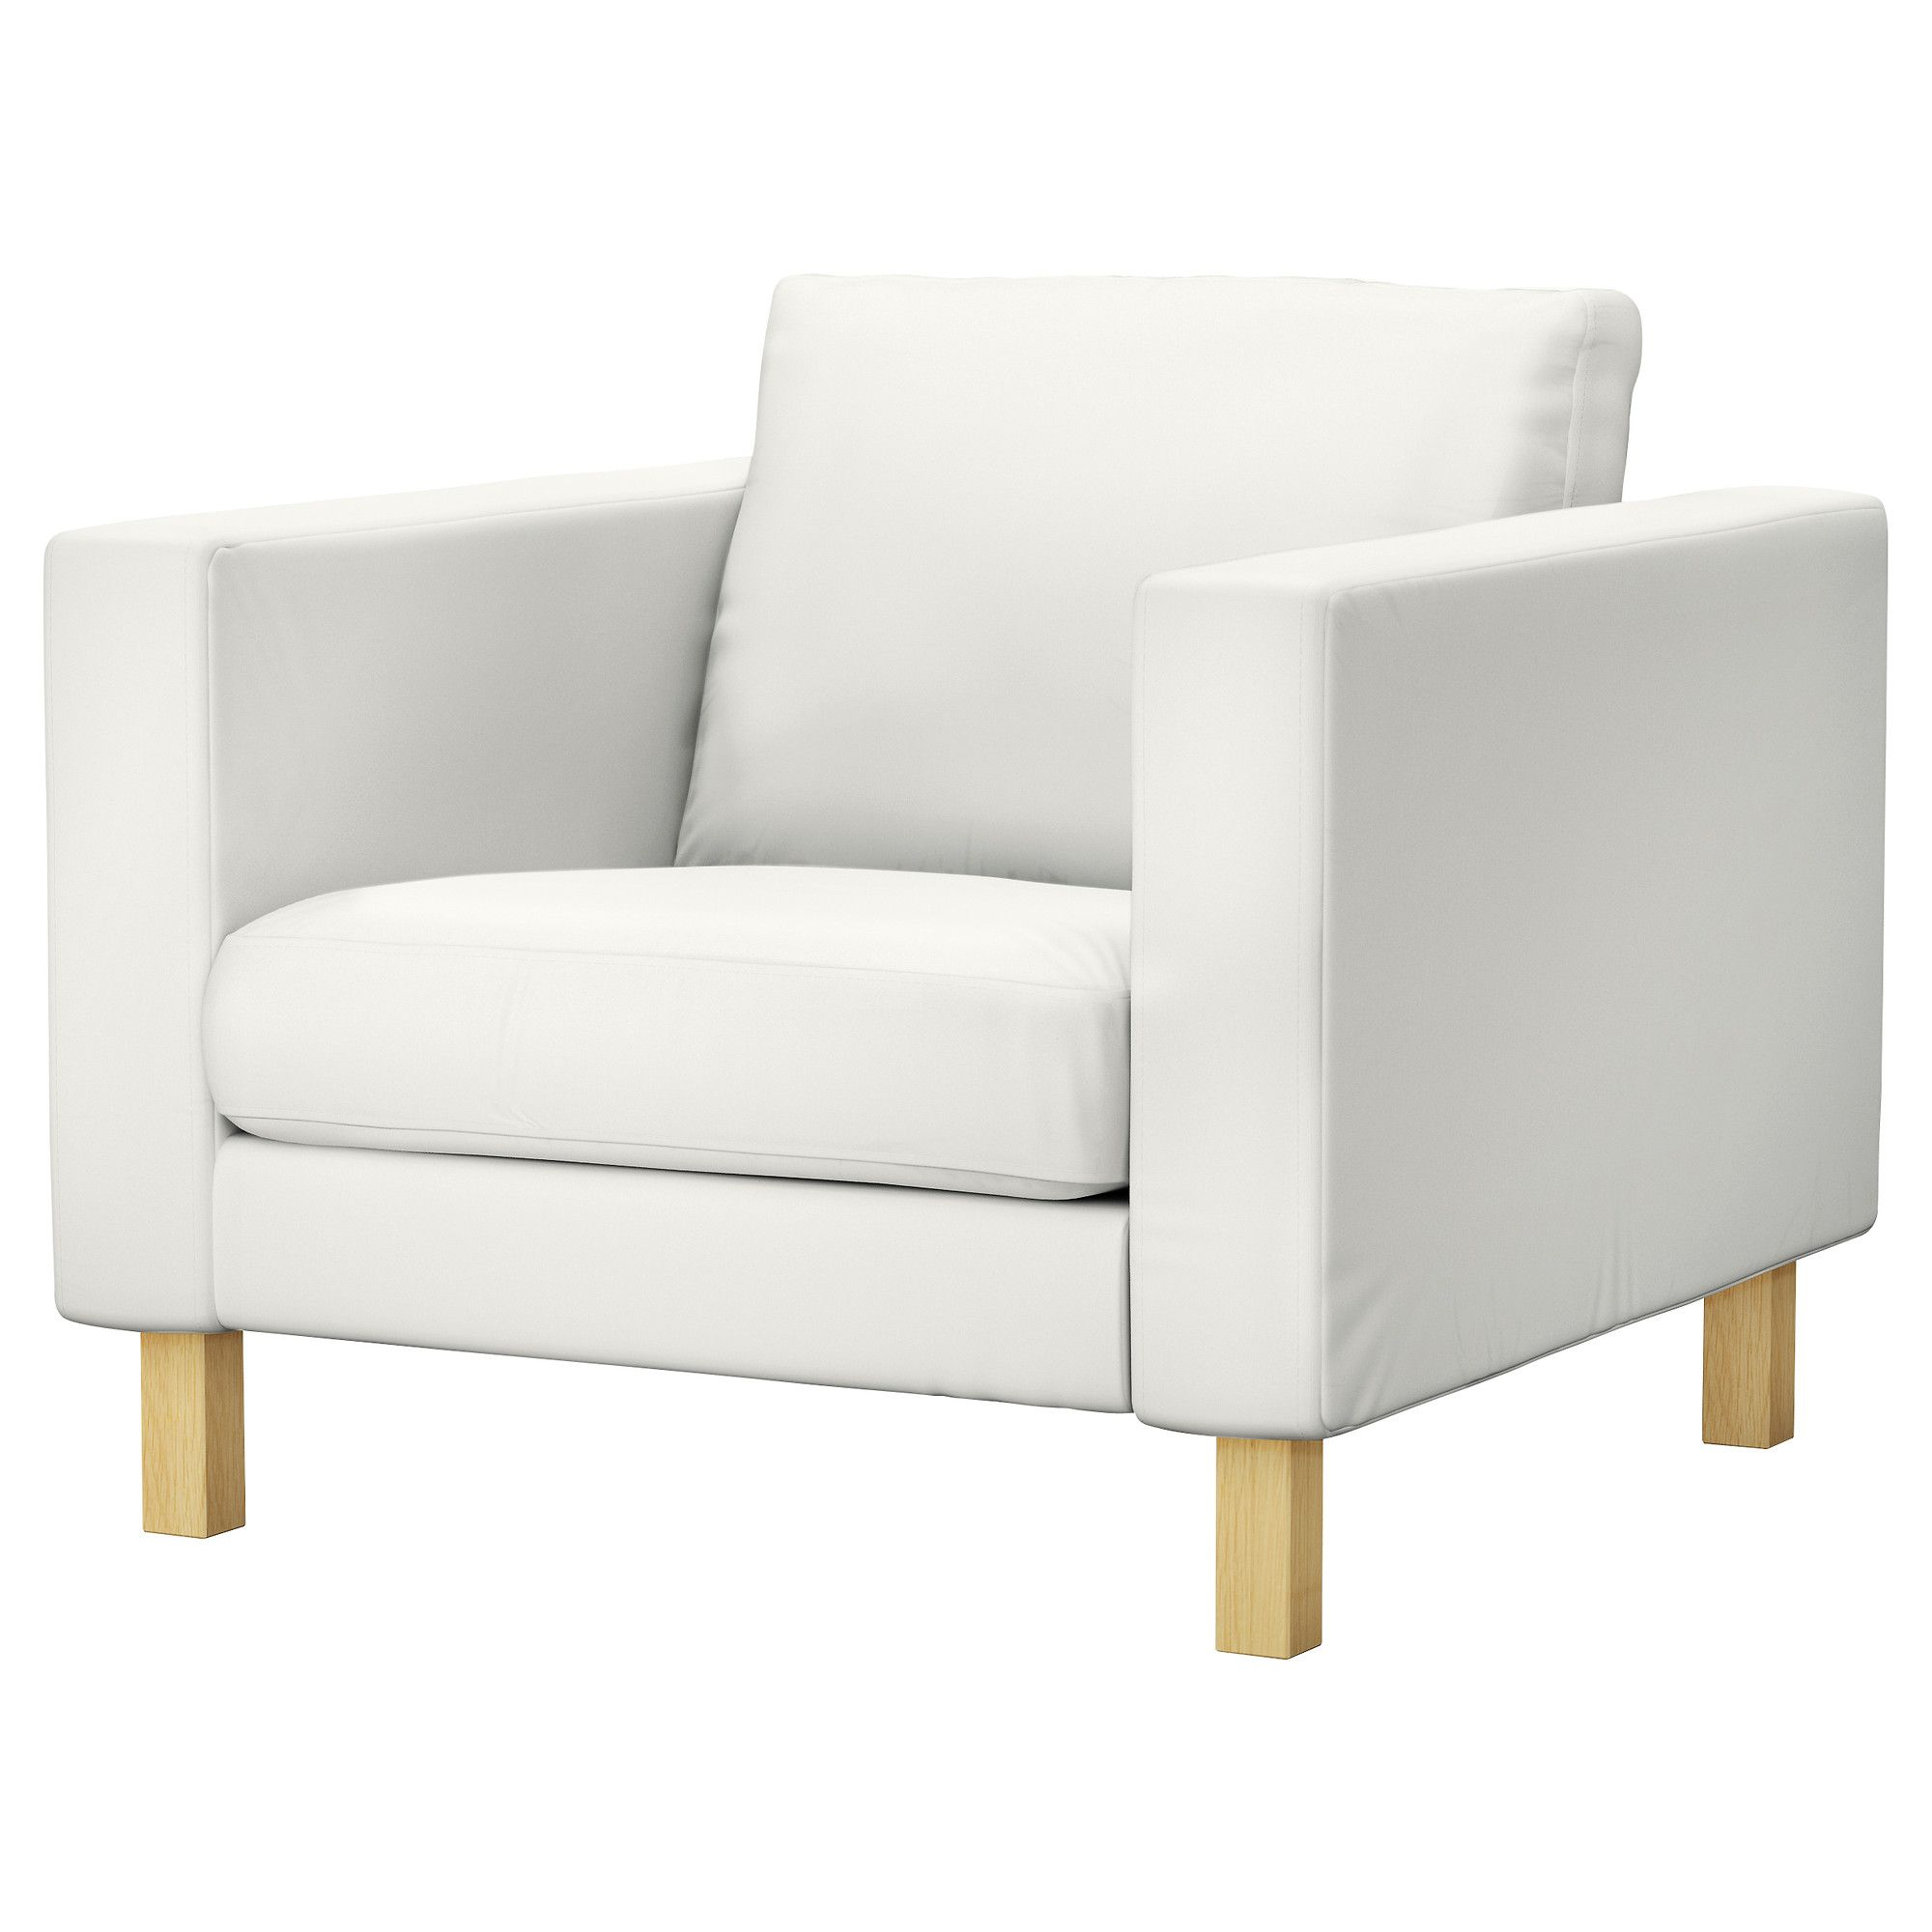 Karlstad Sofa Blekinge White Velvet Sofas Uk Chair Cover Ikea Ideas For